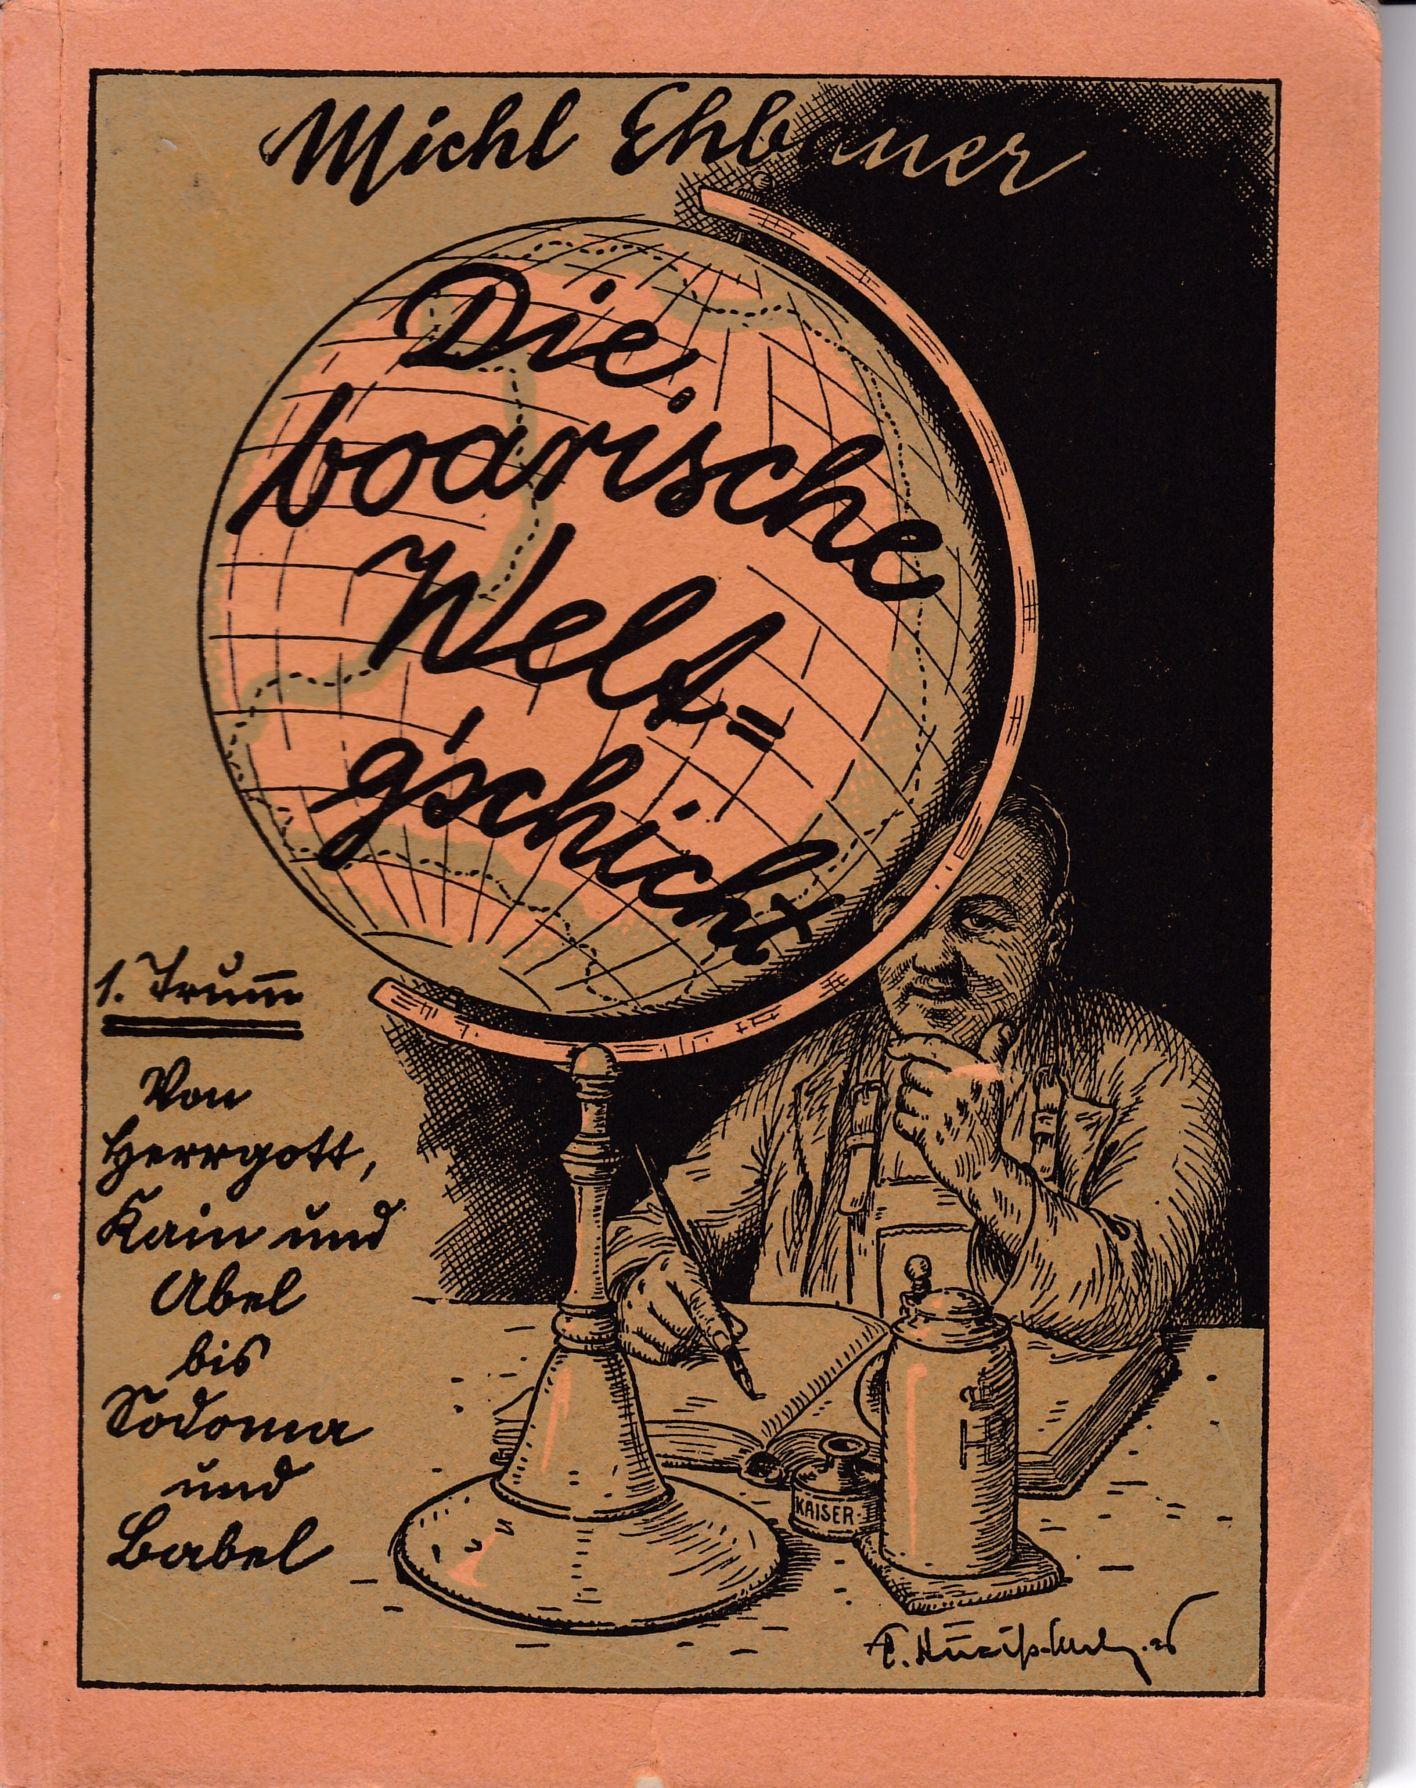 Die boarische Weltg'schicht von Michl Ehbauer